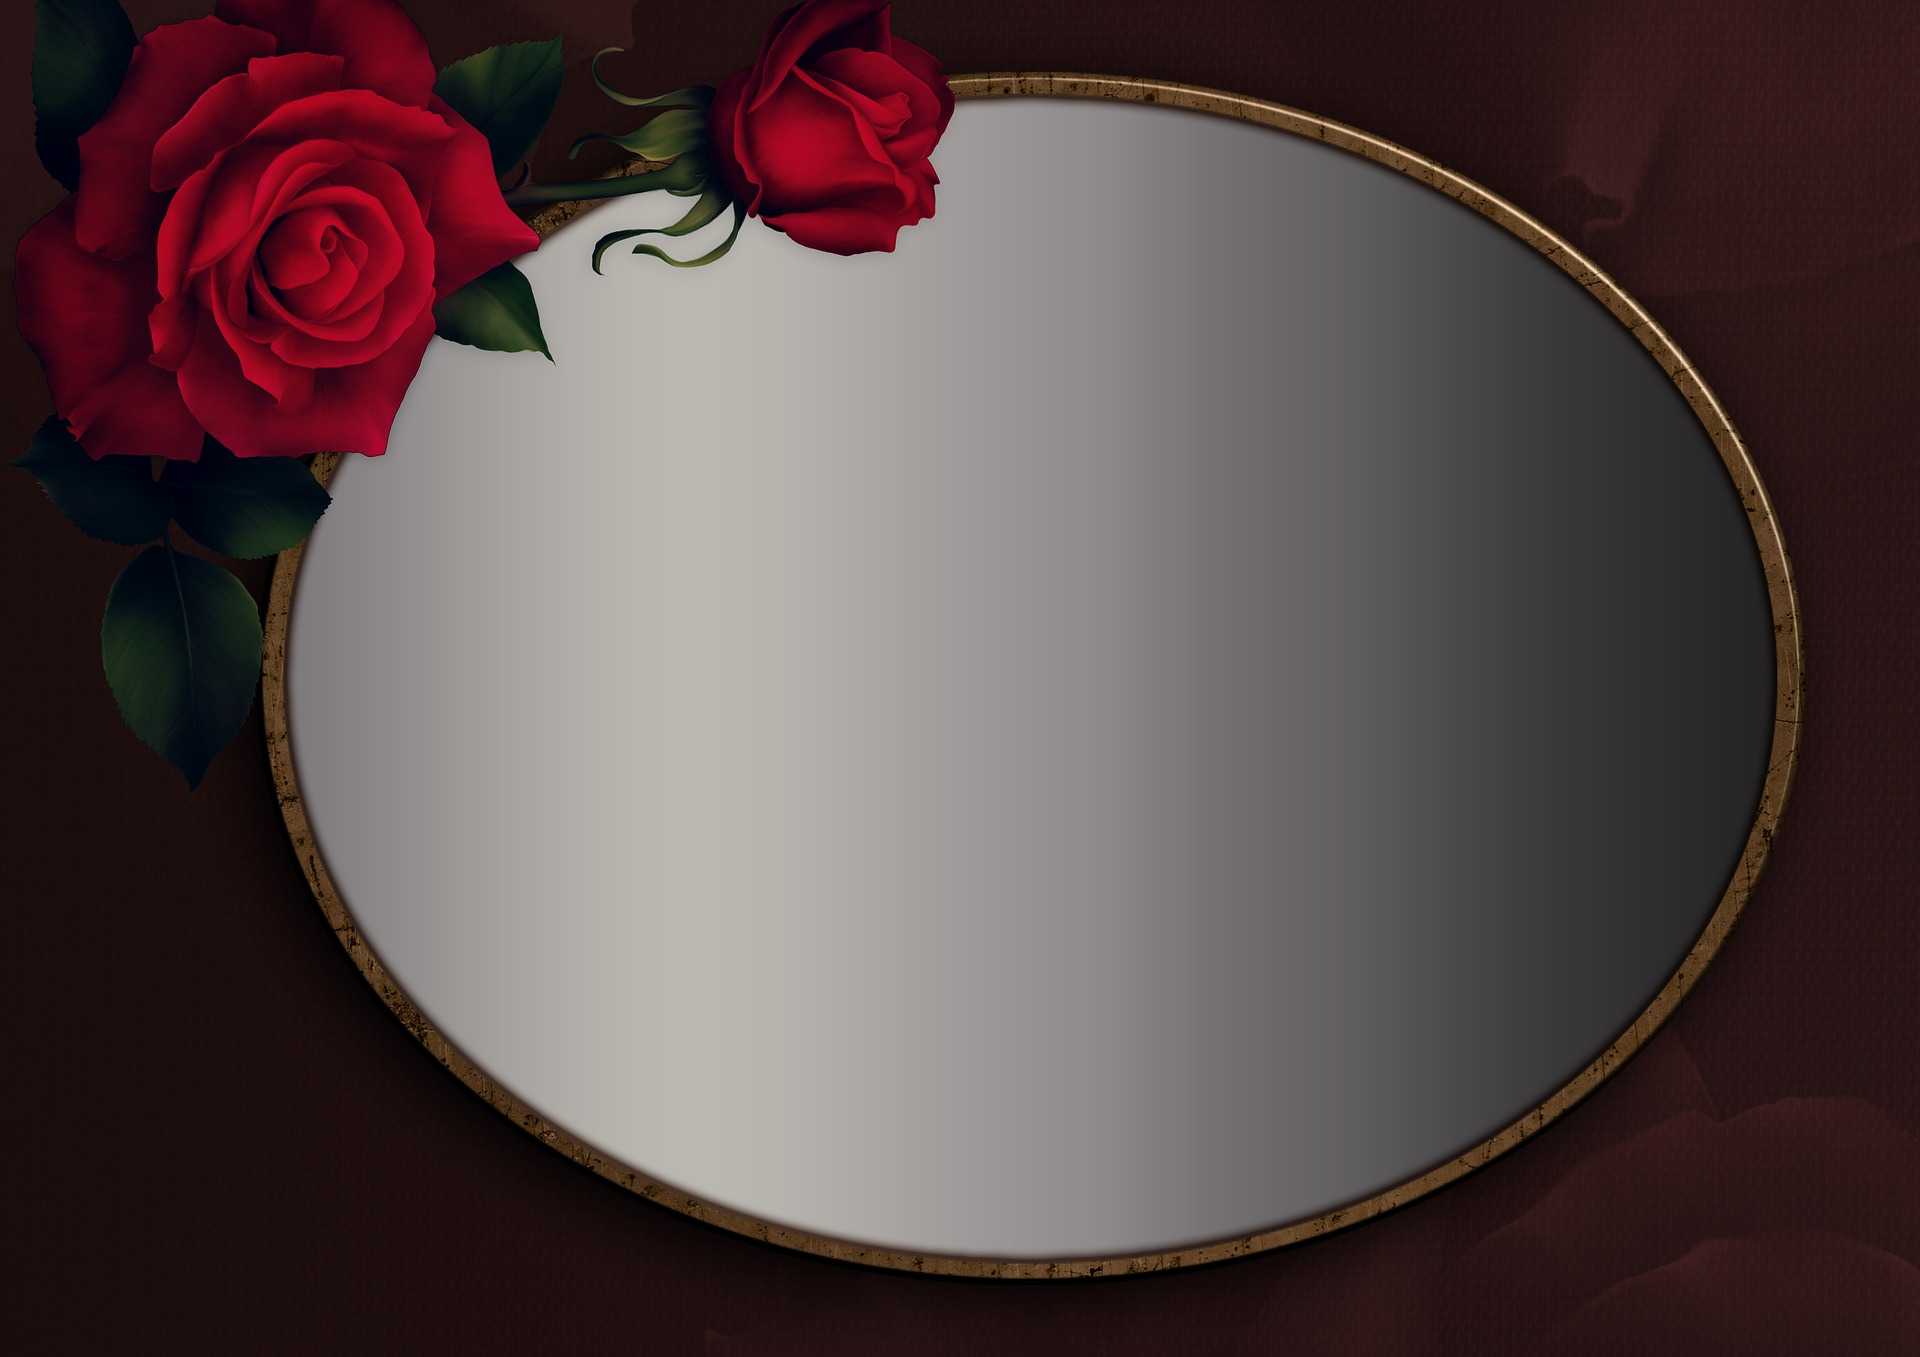 rose-4078393_1920